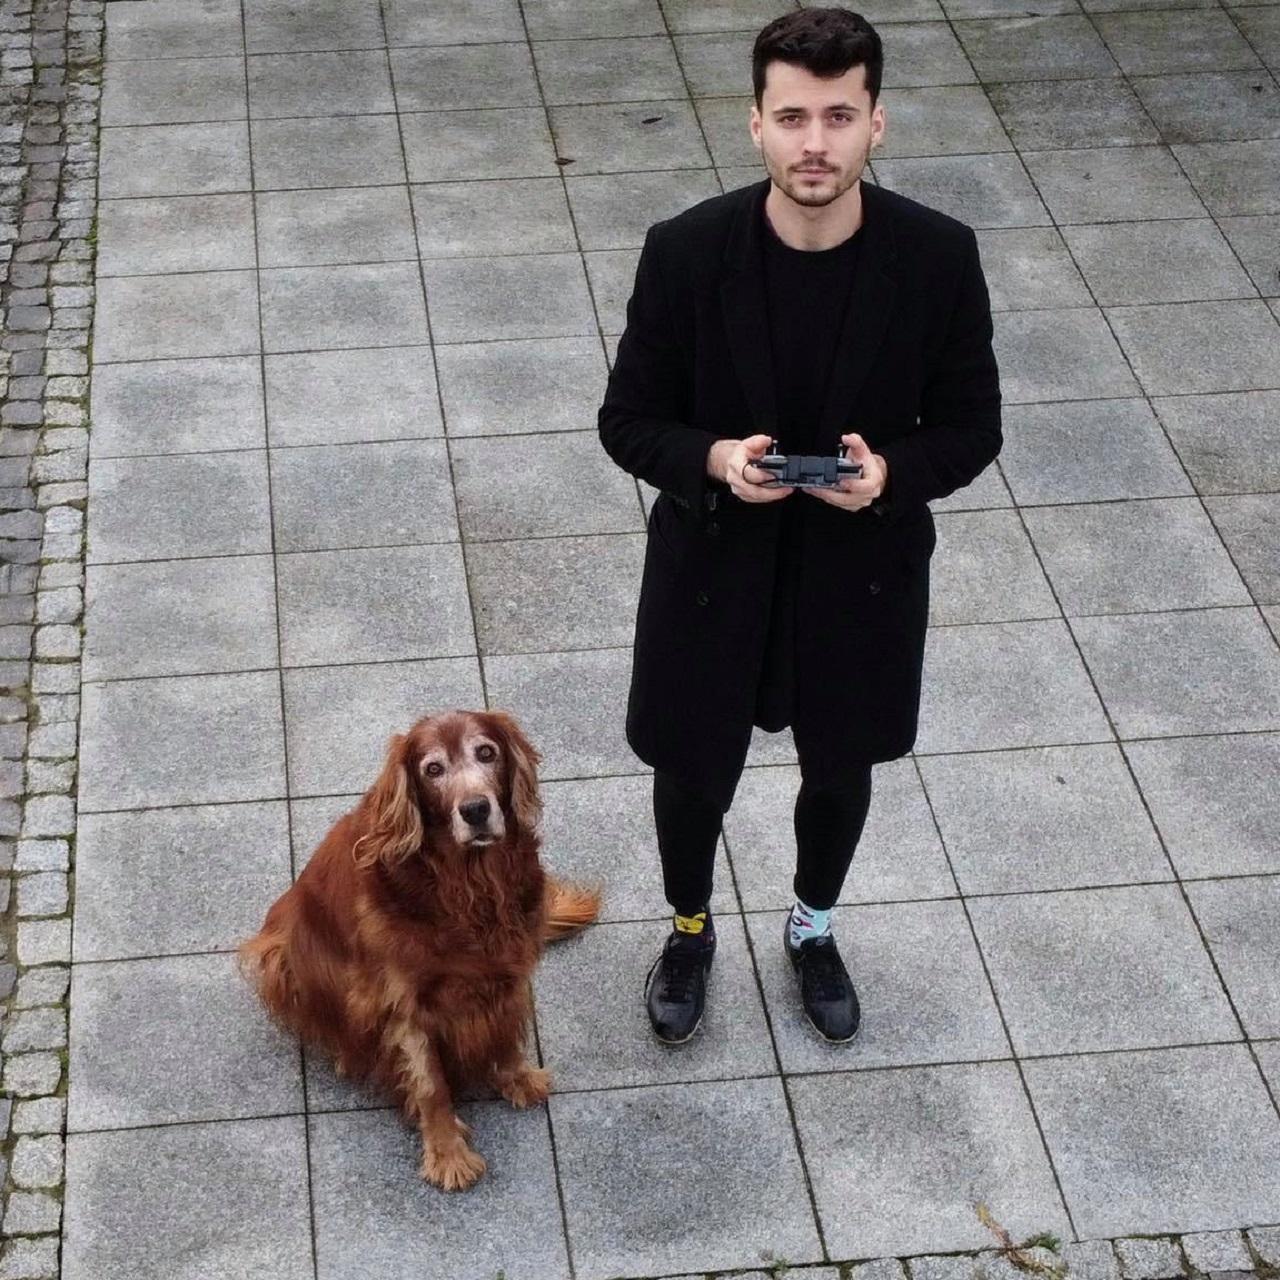 Maciej Szczepański - student Uniwersytetu Przyrodniczego we Wrocławiu, którego pasja to druk 3D i protezy 3D dla psów